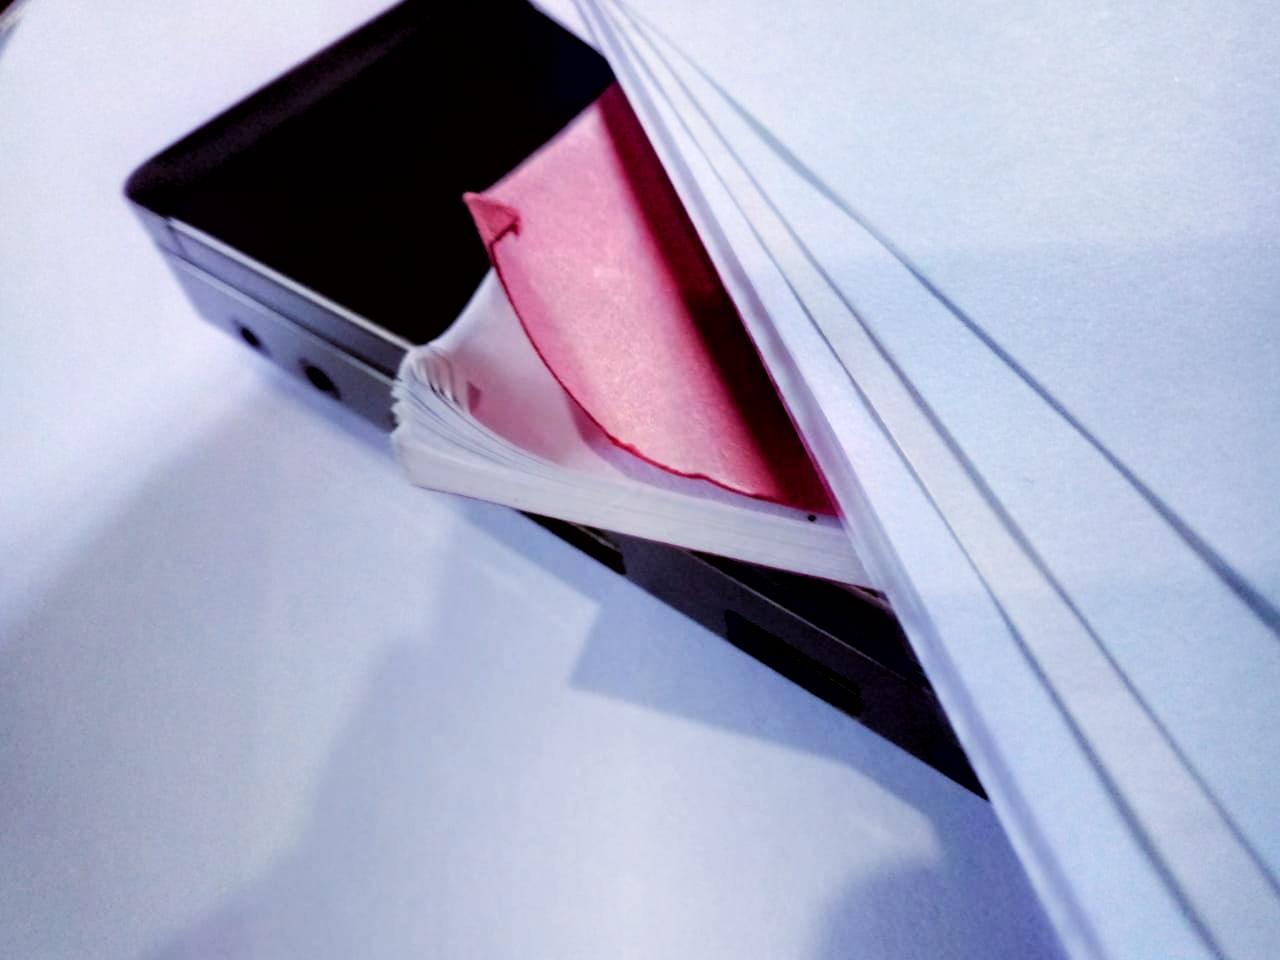 Ini 5 langkah tepat mempersiapkan diri hadapi sidang skripsi